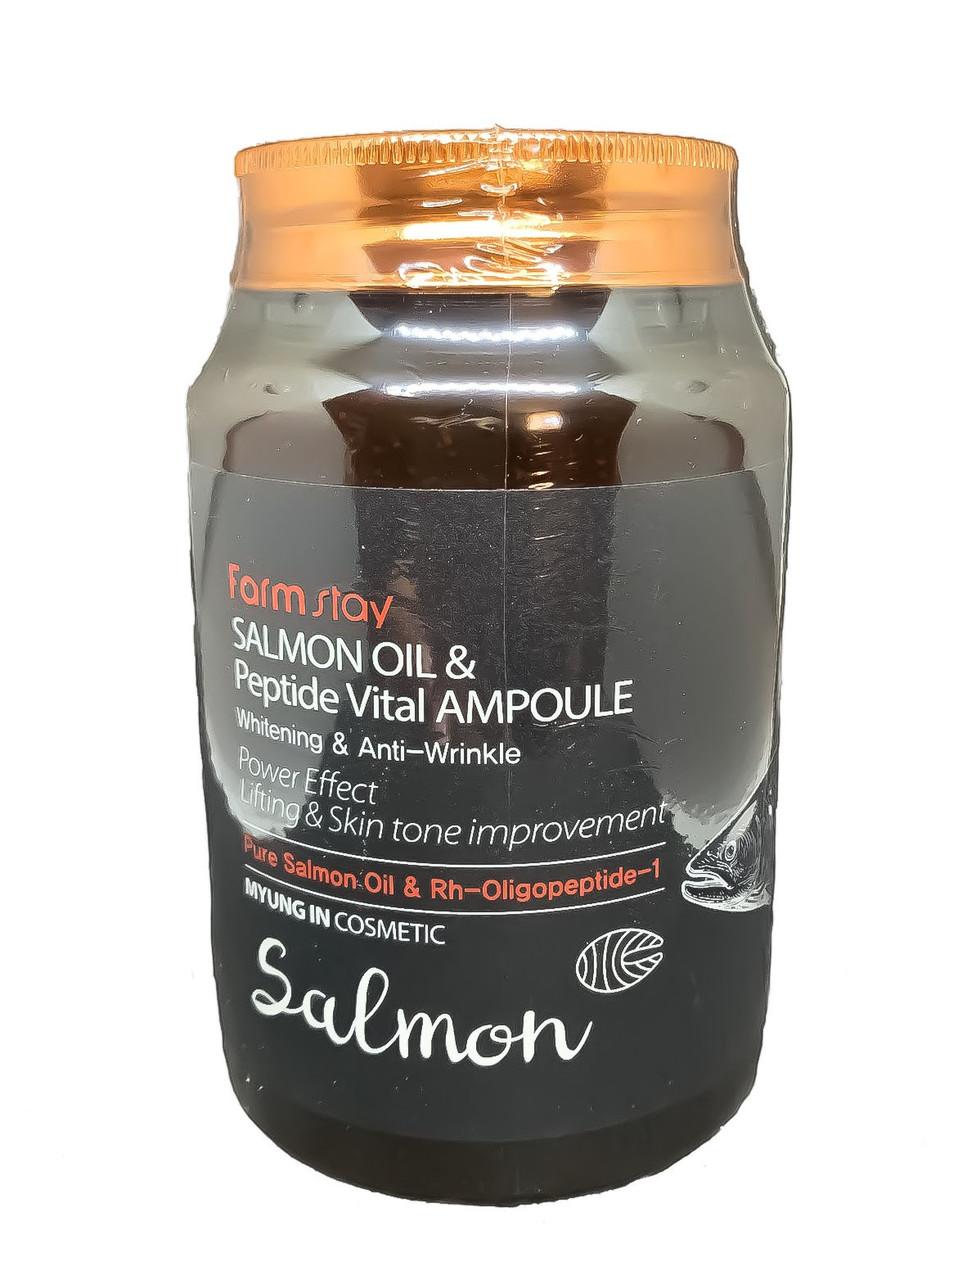 Омолаживающая ампульная сыворотка с маслом лосося и пептидами FarmStay Salmon Oil & Peptide Vital ampoule